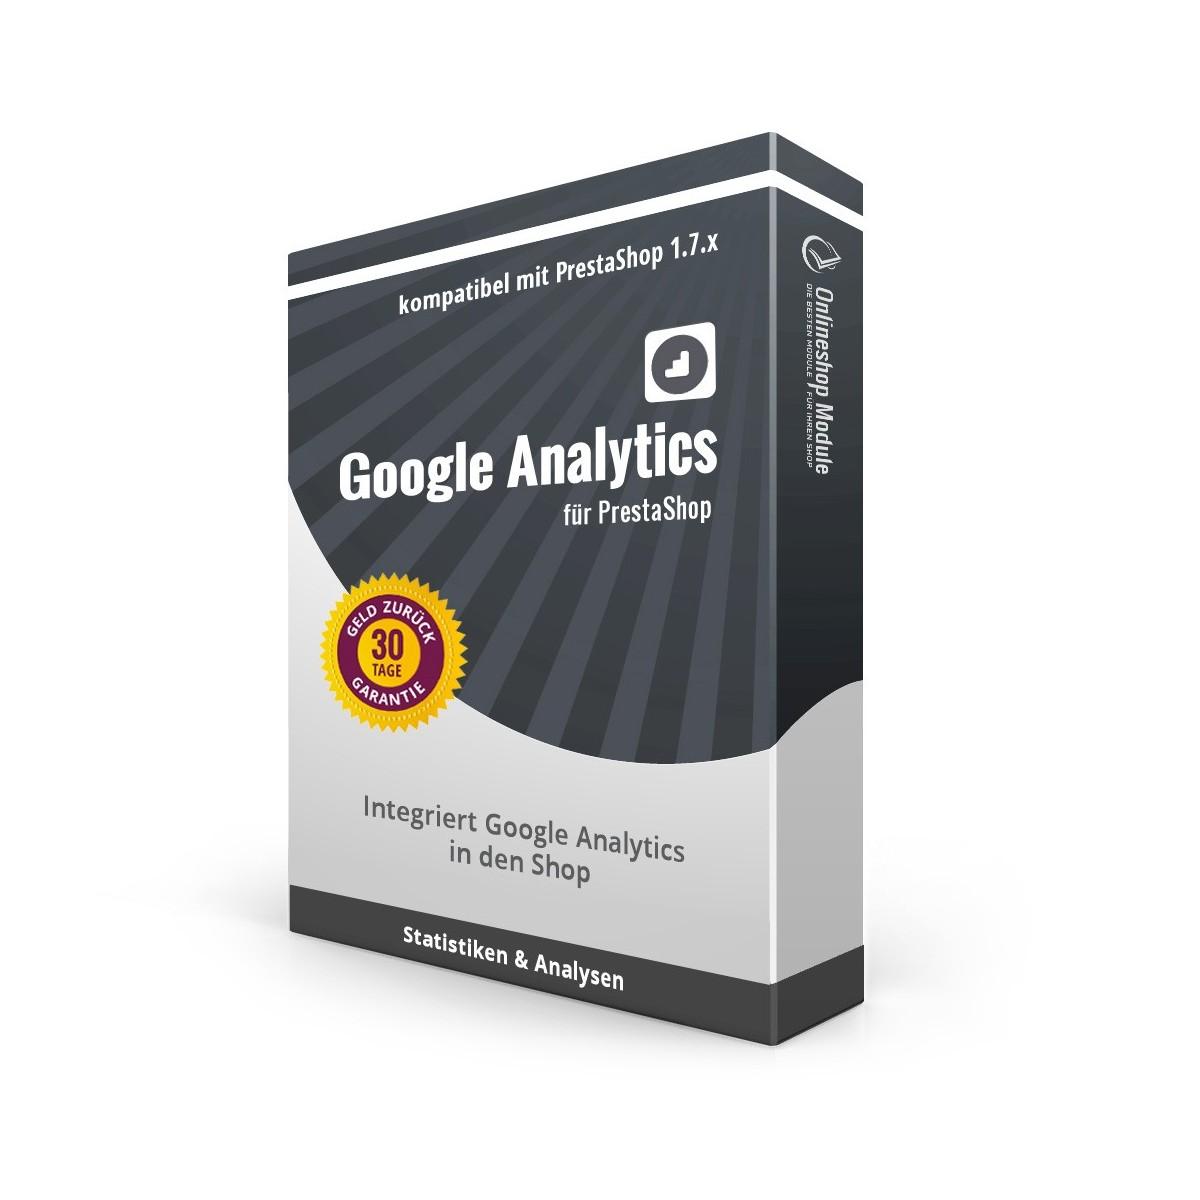 Google Analytics für PrestaShop 1.7 Produktbox